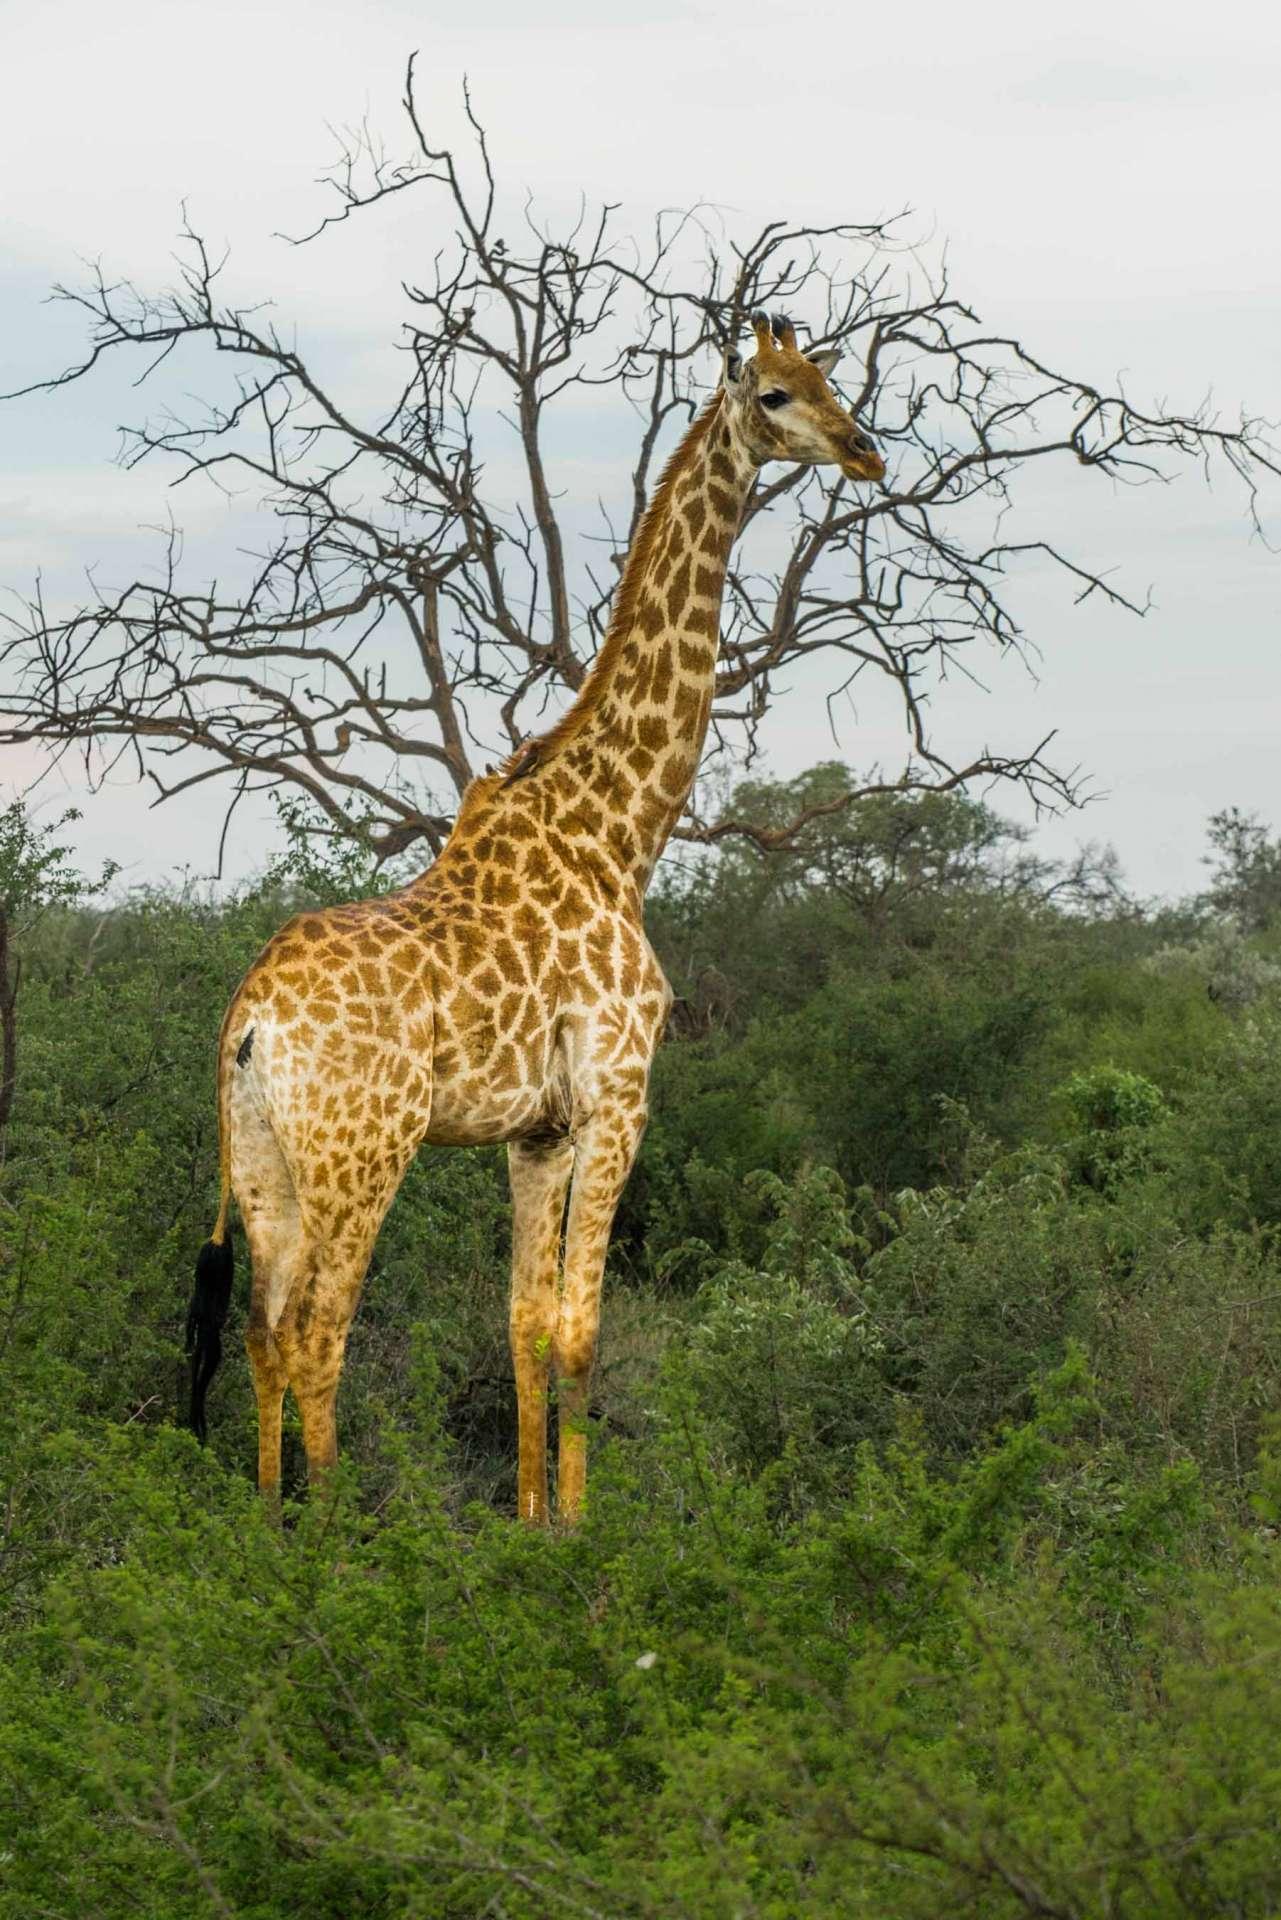 south africa madikwe safari pescart giraffe 4